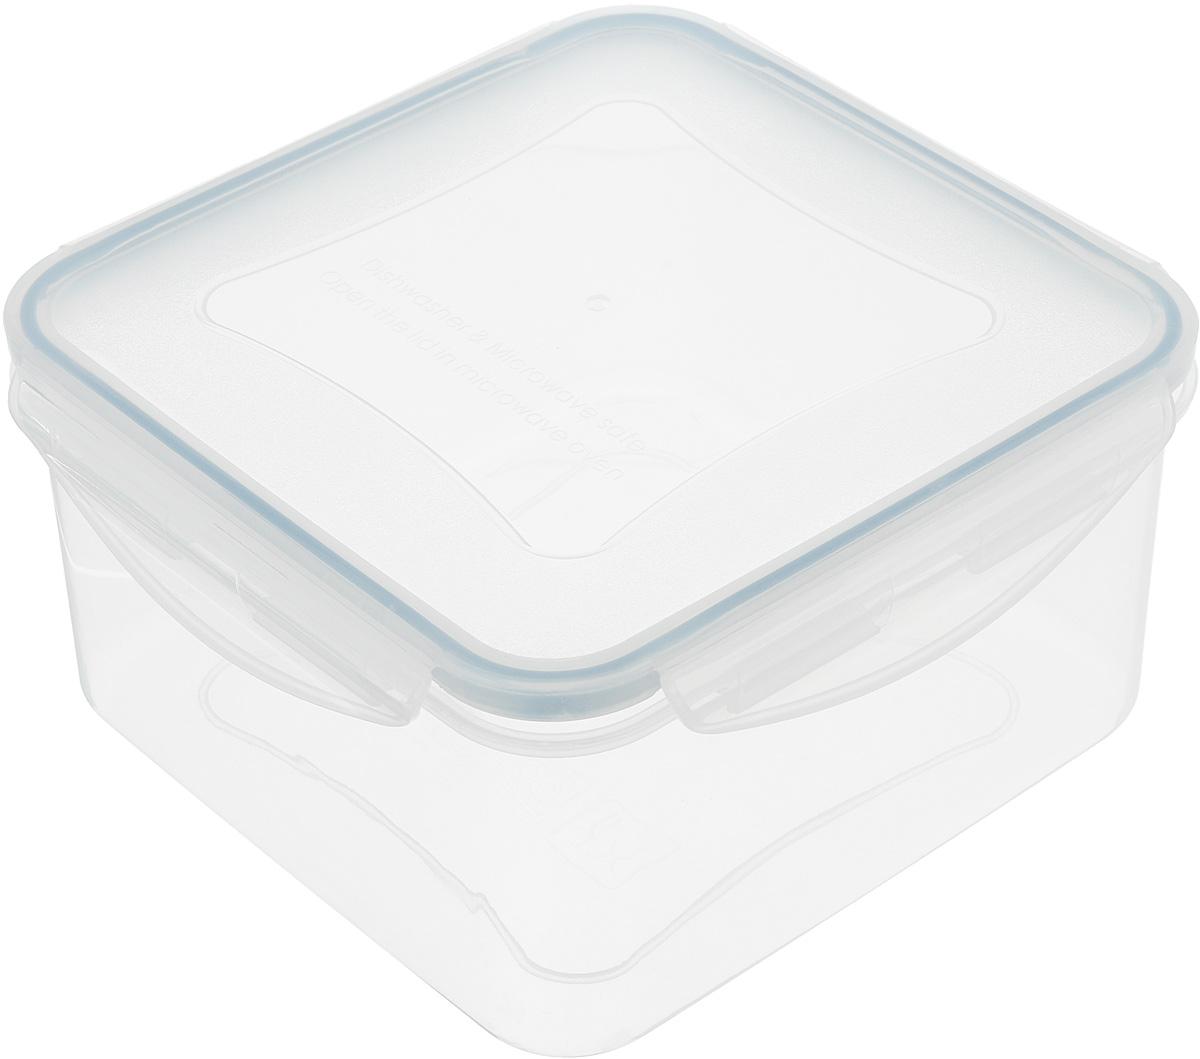 Контейнер Tescoma Freshbox, квадратный, 2 л892016Квадратный контейнер Tescoma Freshbox замечателен для хранения и переноски продуктов. Выполнен из высокопрочной жаростойкой пластмассы, которая выдерживает температуру от -18°С до +110°С. Контейнера снабжен воздухонепроницаемой и водонепроницаемой крышкой с силиконовой прокладкой, которая гарантирует герметичность. Продукты дольше сохраняют свежесть и аромат, а жидкие блюда не вытекают. Контейнер очень вместителен, он отлично подойдет для хранения пищи дома, а также для пикников и выездов на природу. Контейнер пригоден для использования в холодильнике, морозильной камере и микроволновой печи. Допускается мытье в посудомоечной машине. Размер контейнера: 18 х 18 х 9 см.